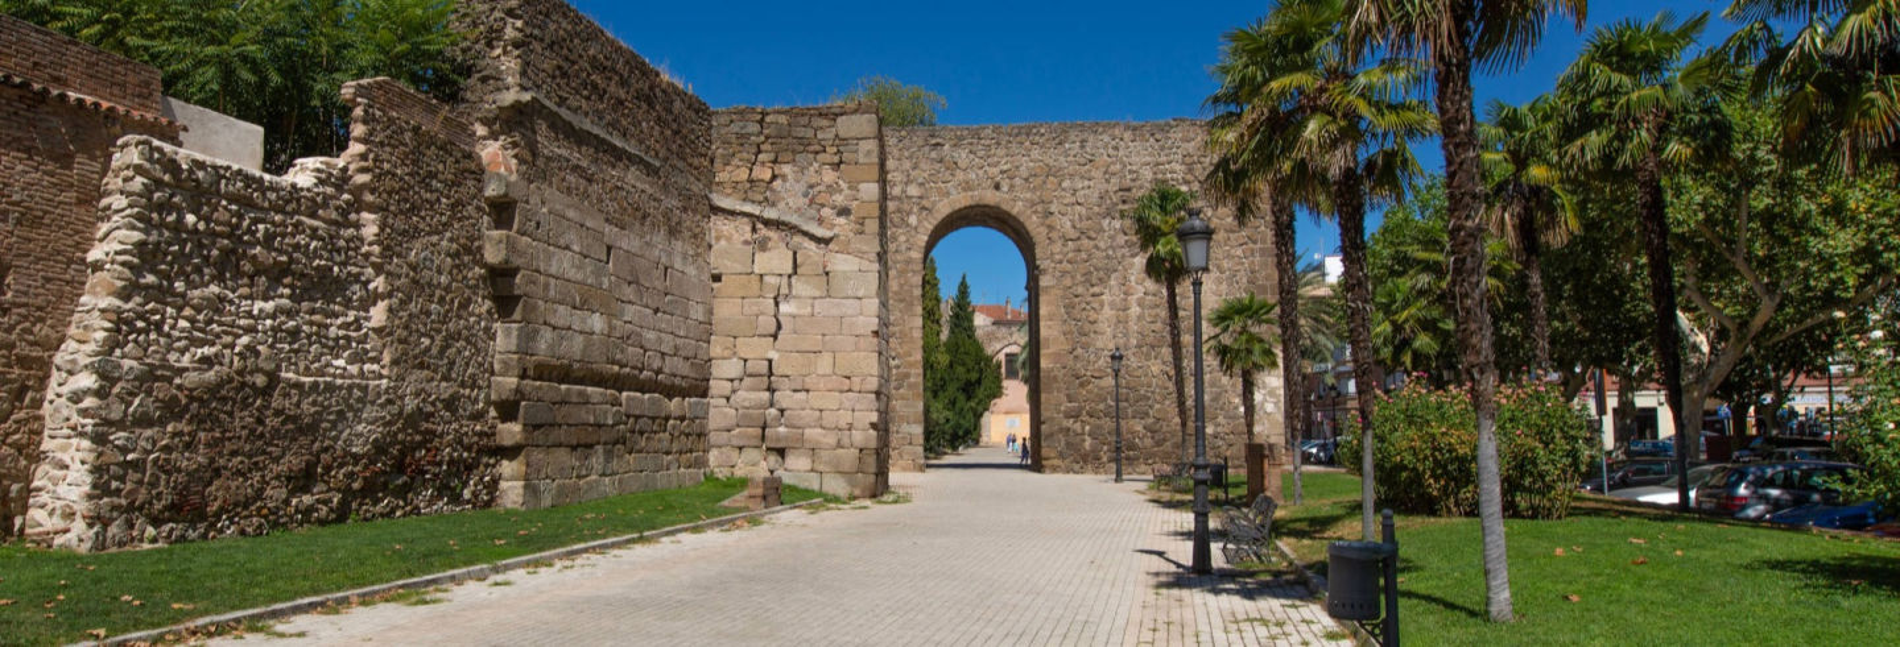 Tour de los misterios y leyendas de Talavera de la Reina